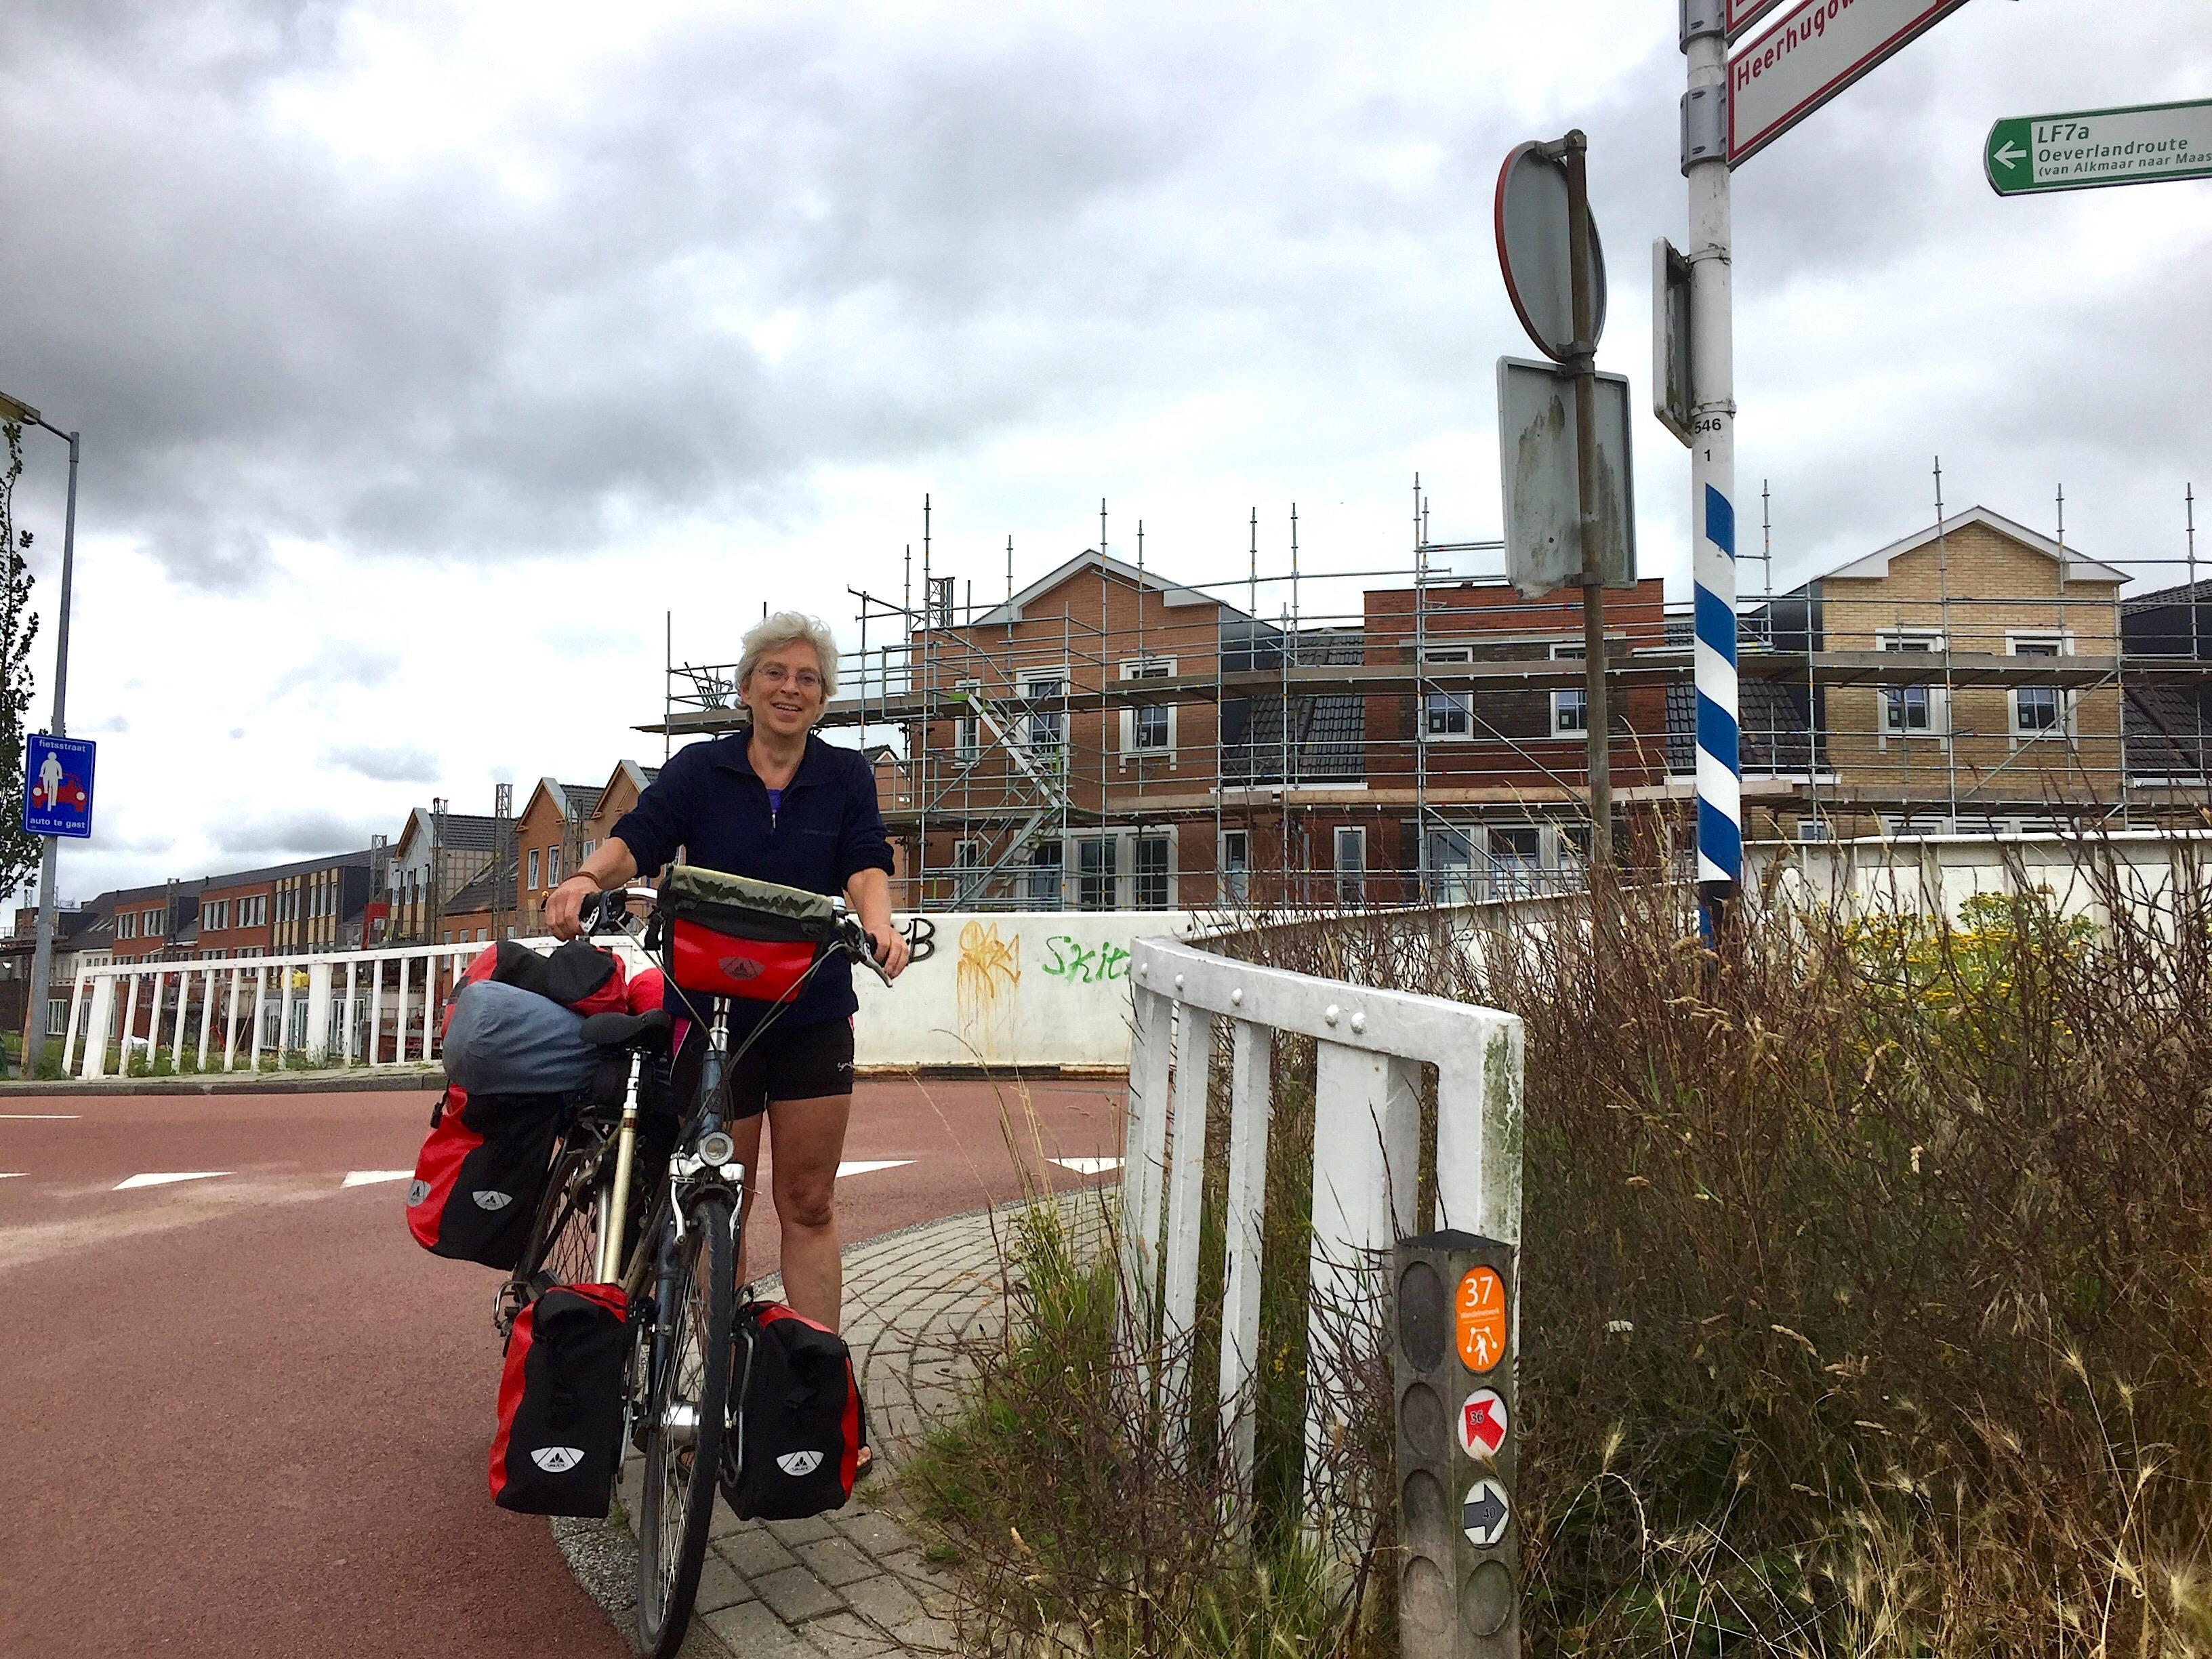 Onderweg: 'Puur op benenkracht' fietst Aaltje Migchelbrink de Boerenlandroute naar Enschede. 'Ik ben er nog!'